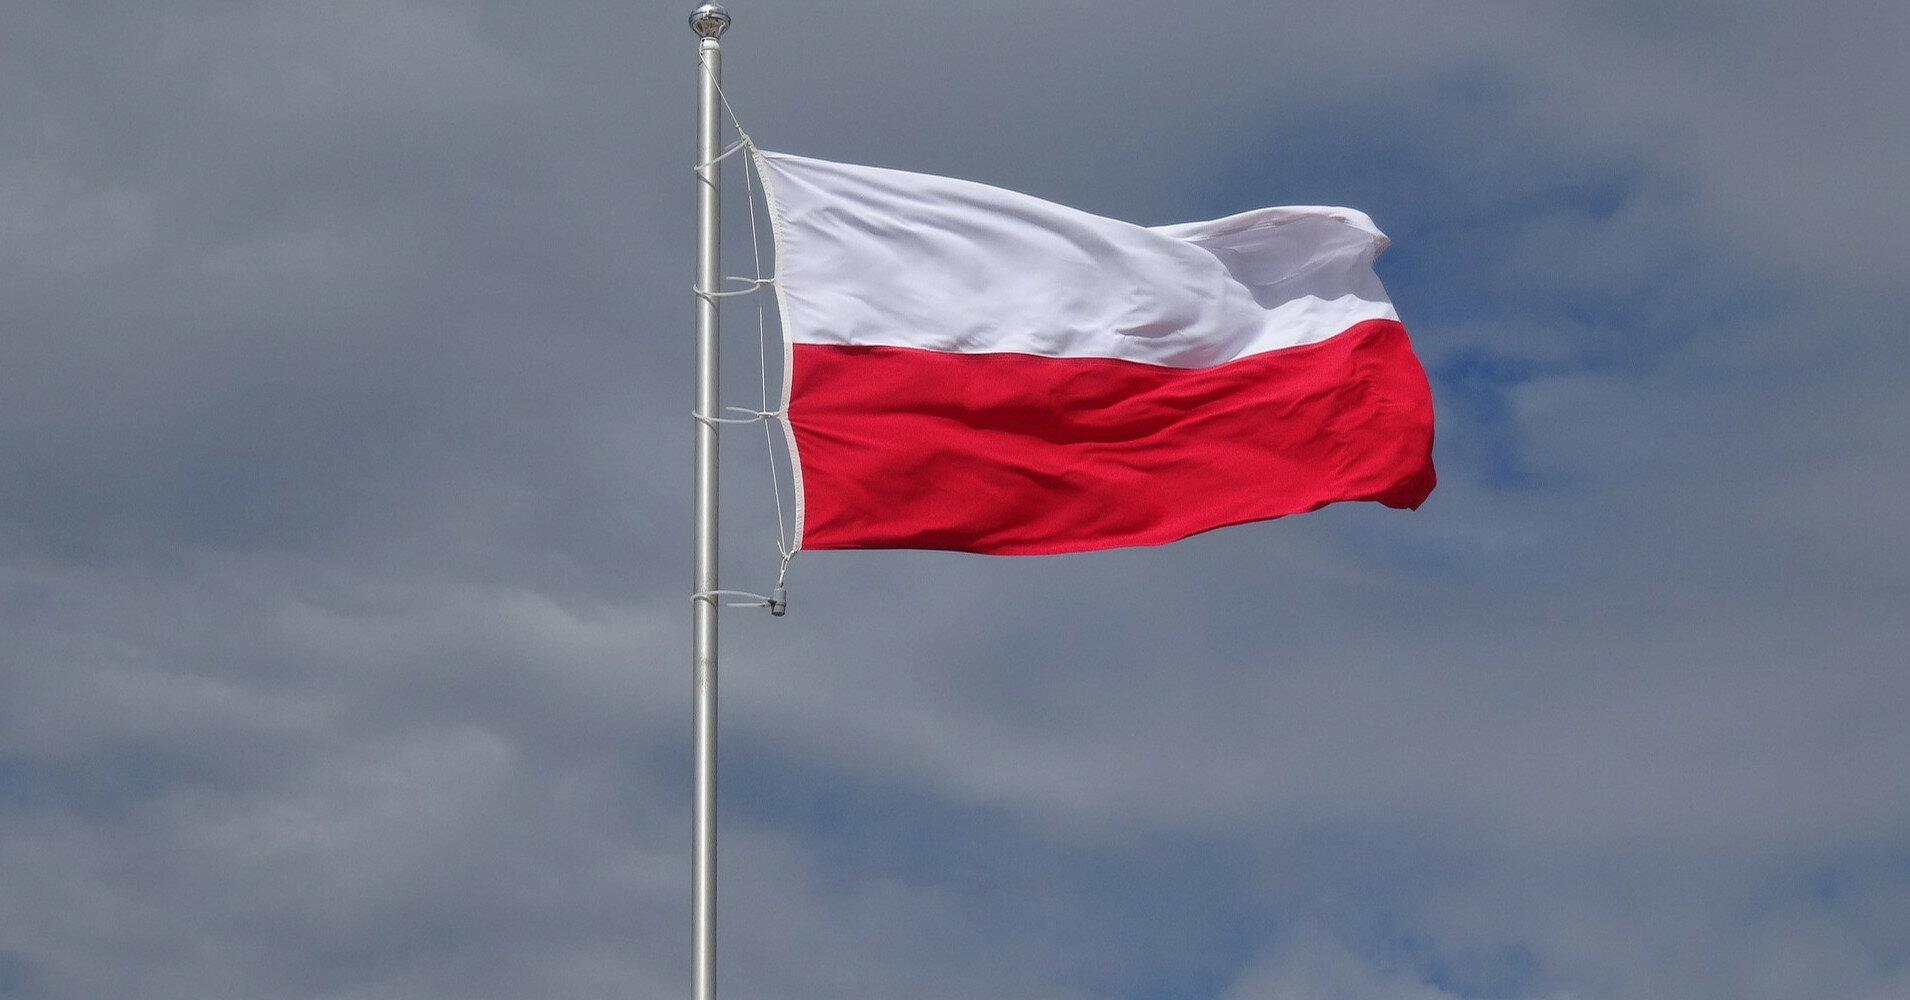 Польша задержала подозреваемого в шпионаже российского активиста